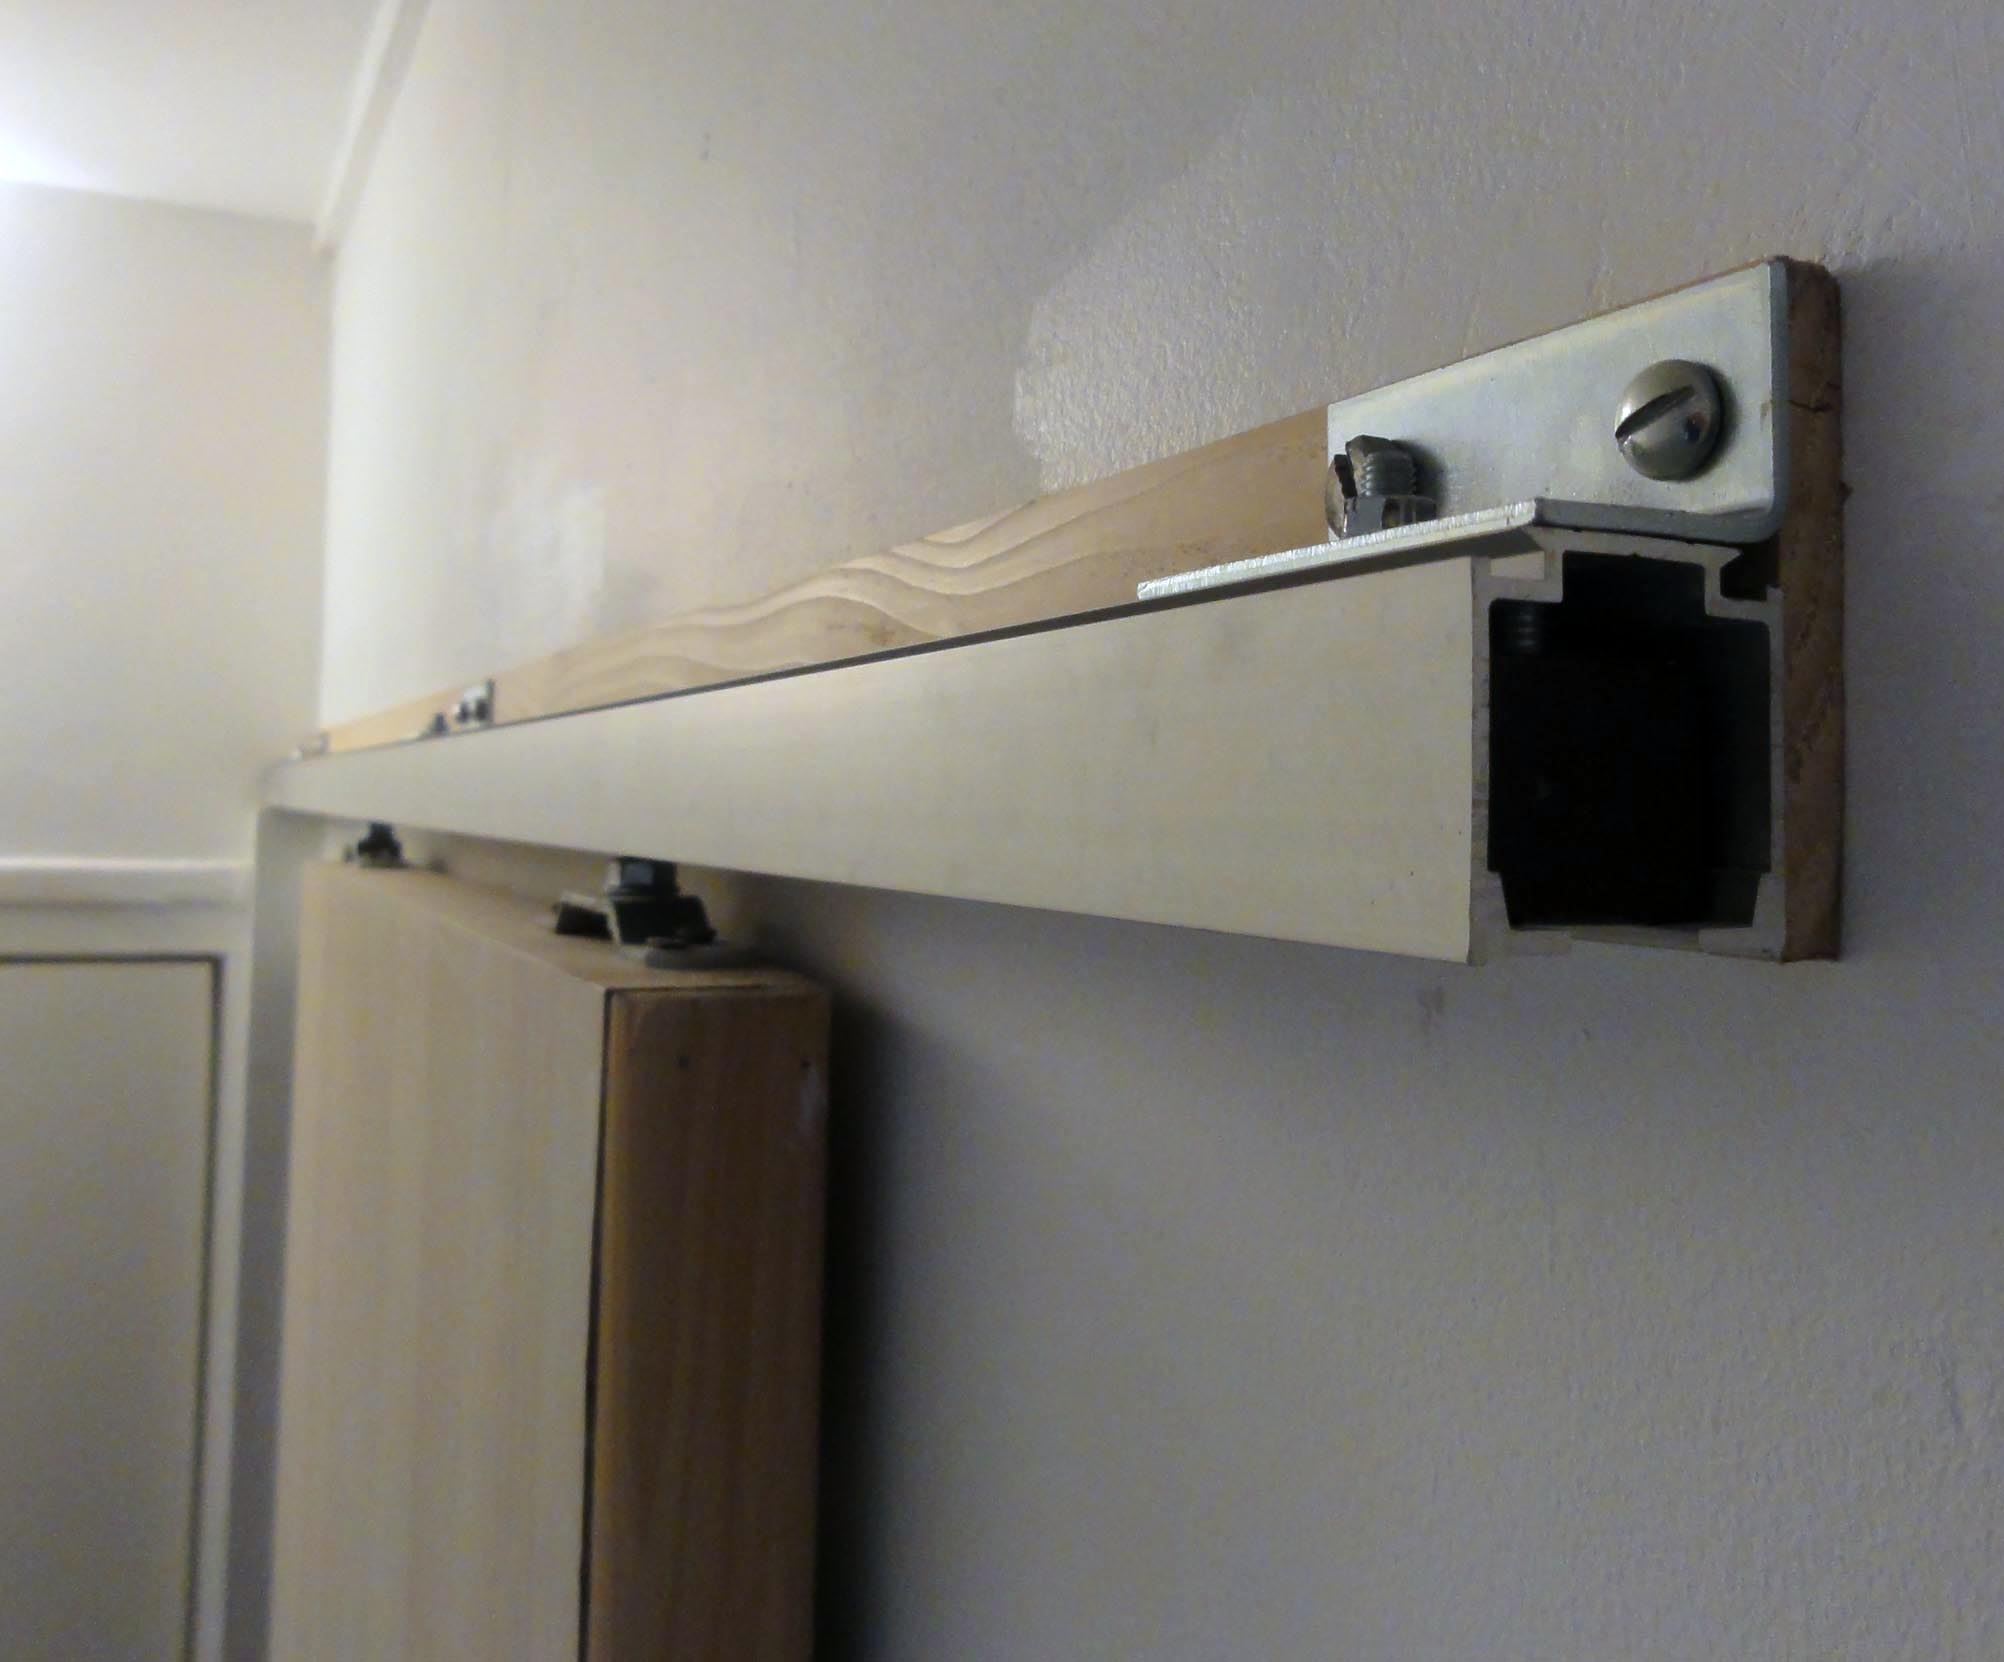 Le tasseau, derrière le rail, permet à la porte de coulisser sans frotter l'encadrement de la porte d'origine